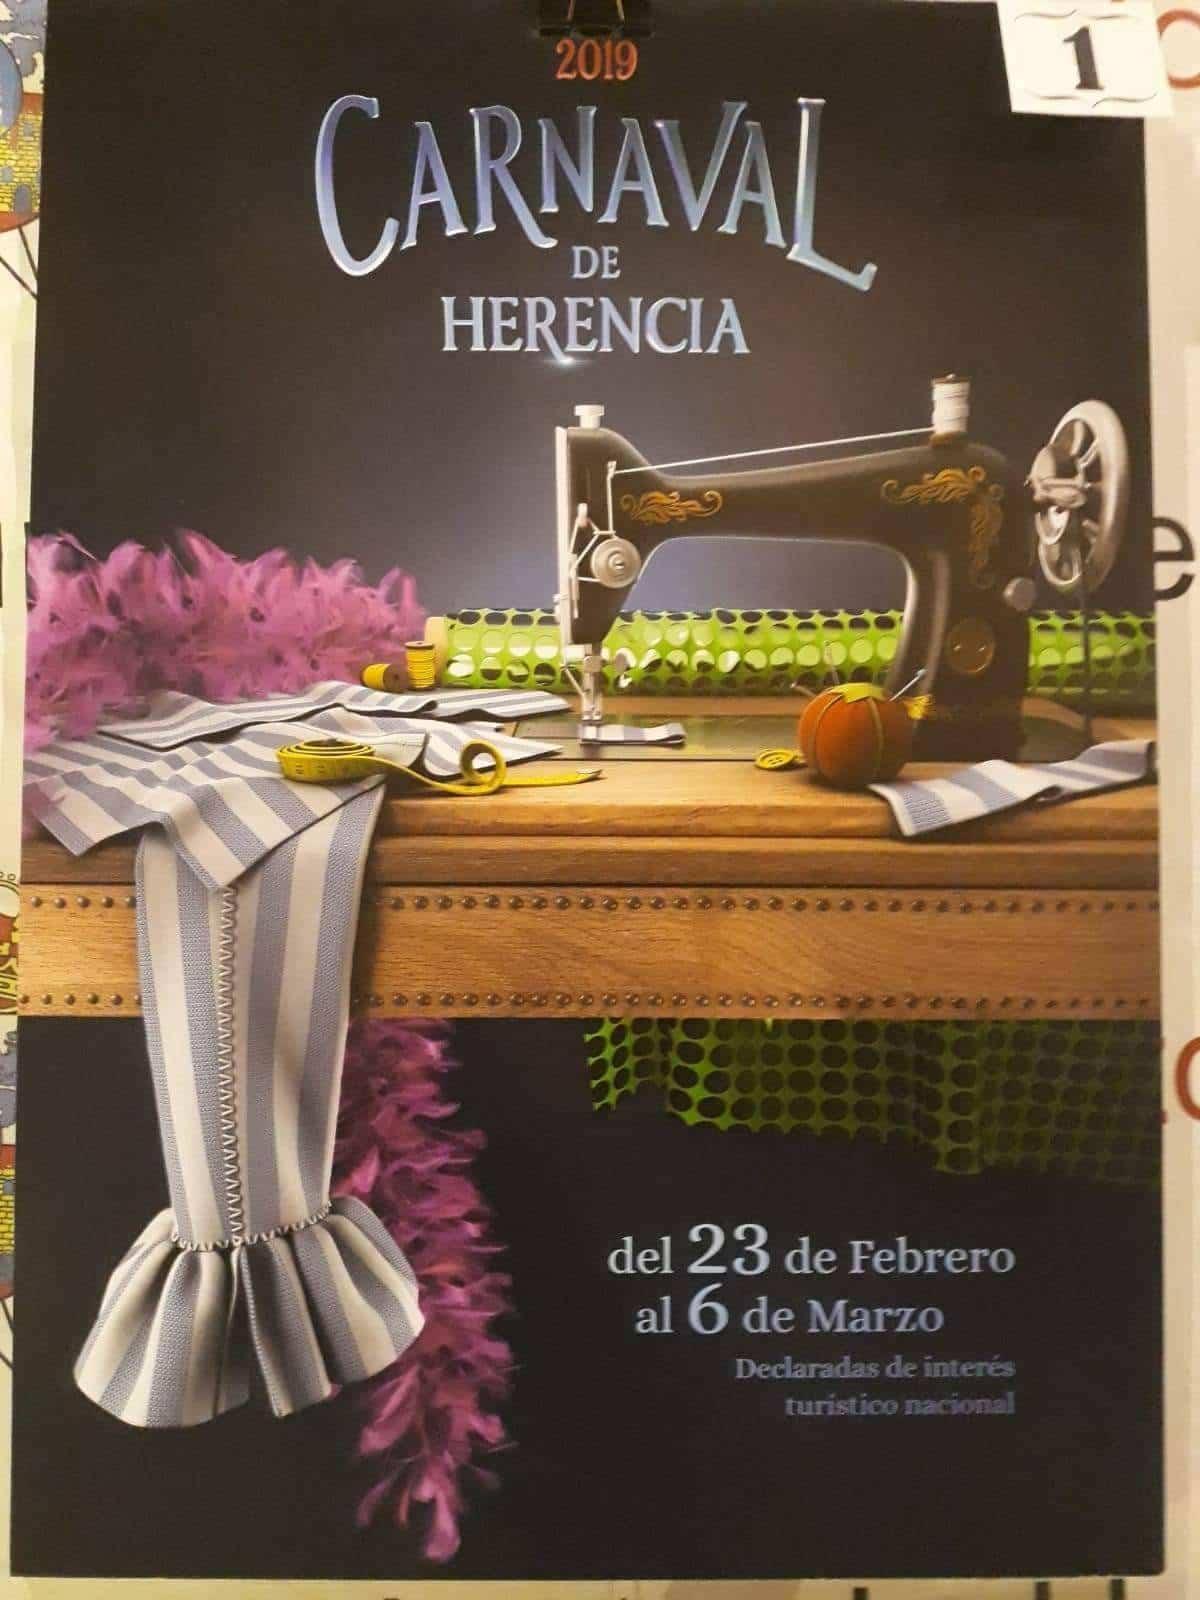 cartel de carnaval herencia 2019 - Empieza la promoción del cartel del Carnaval de Herencia 2019